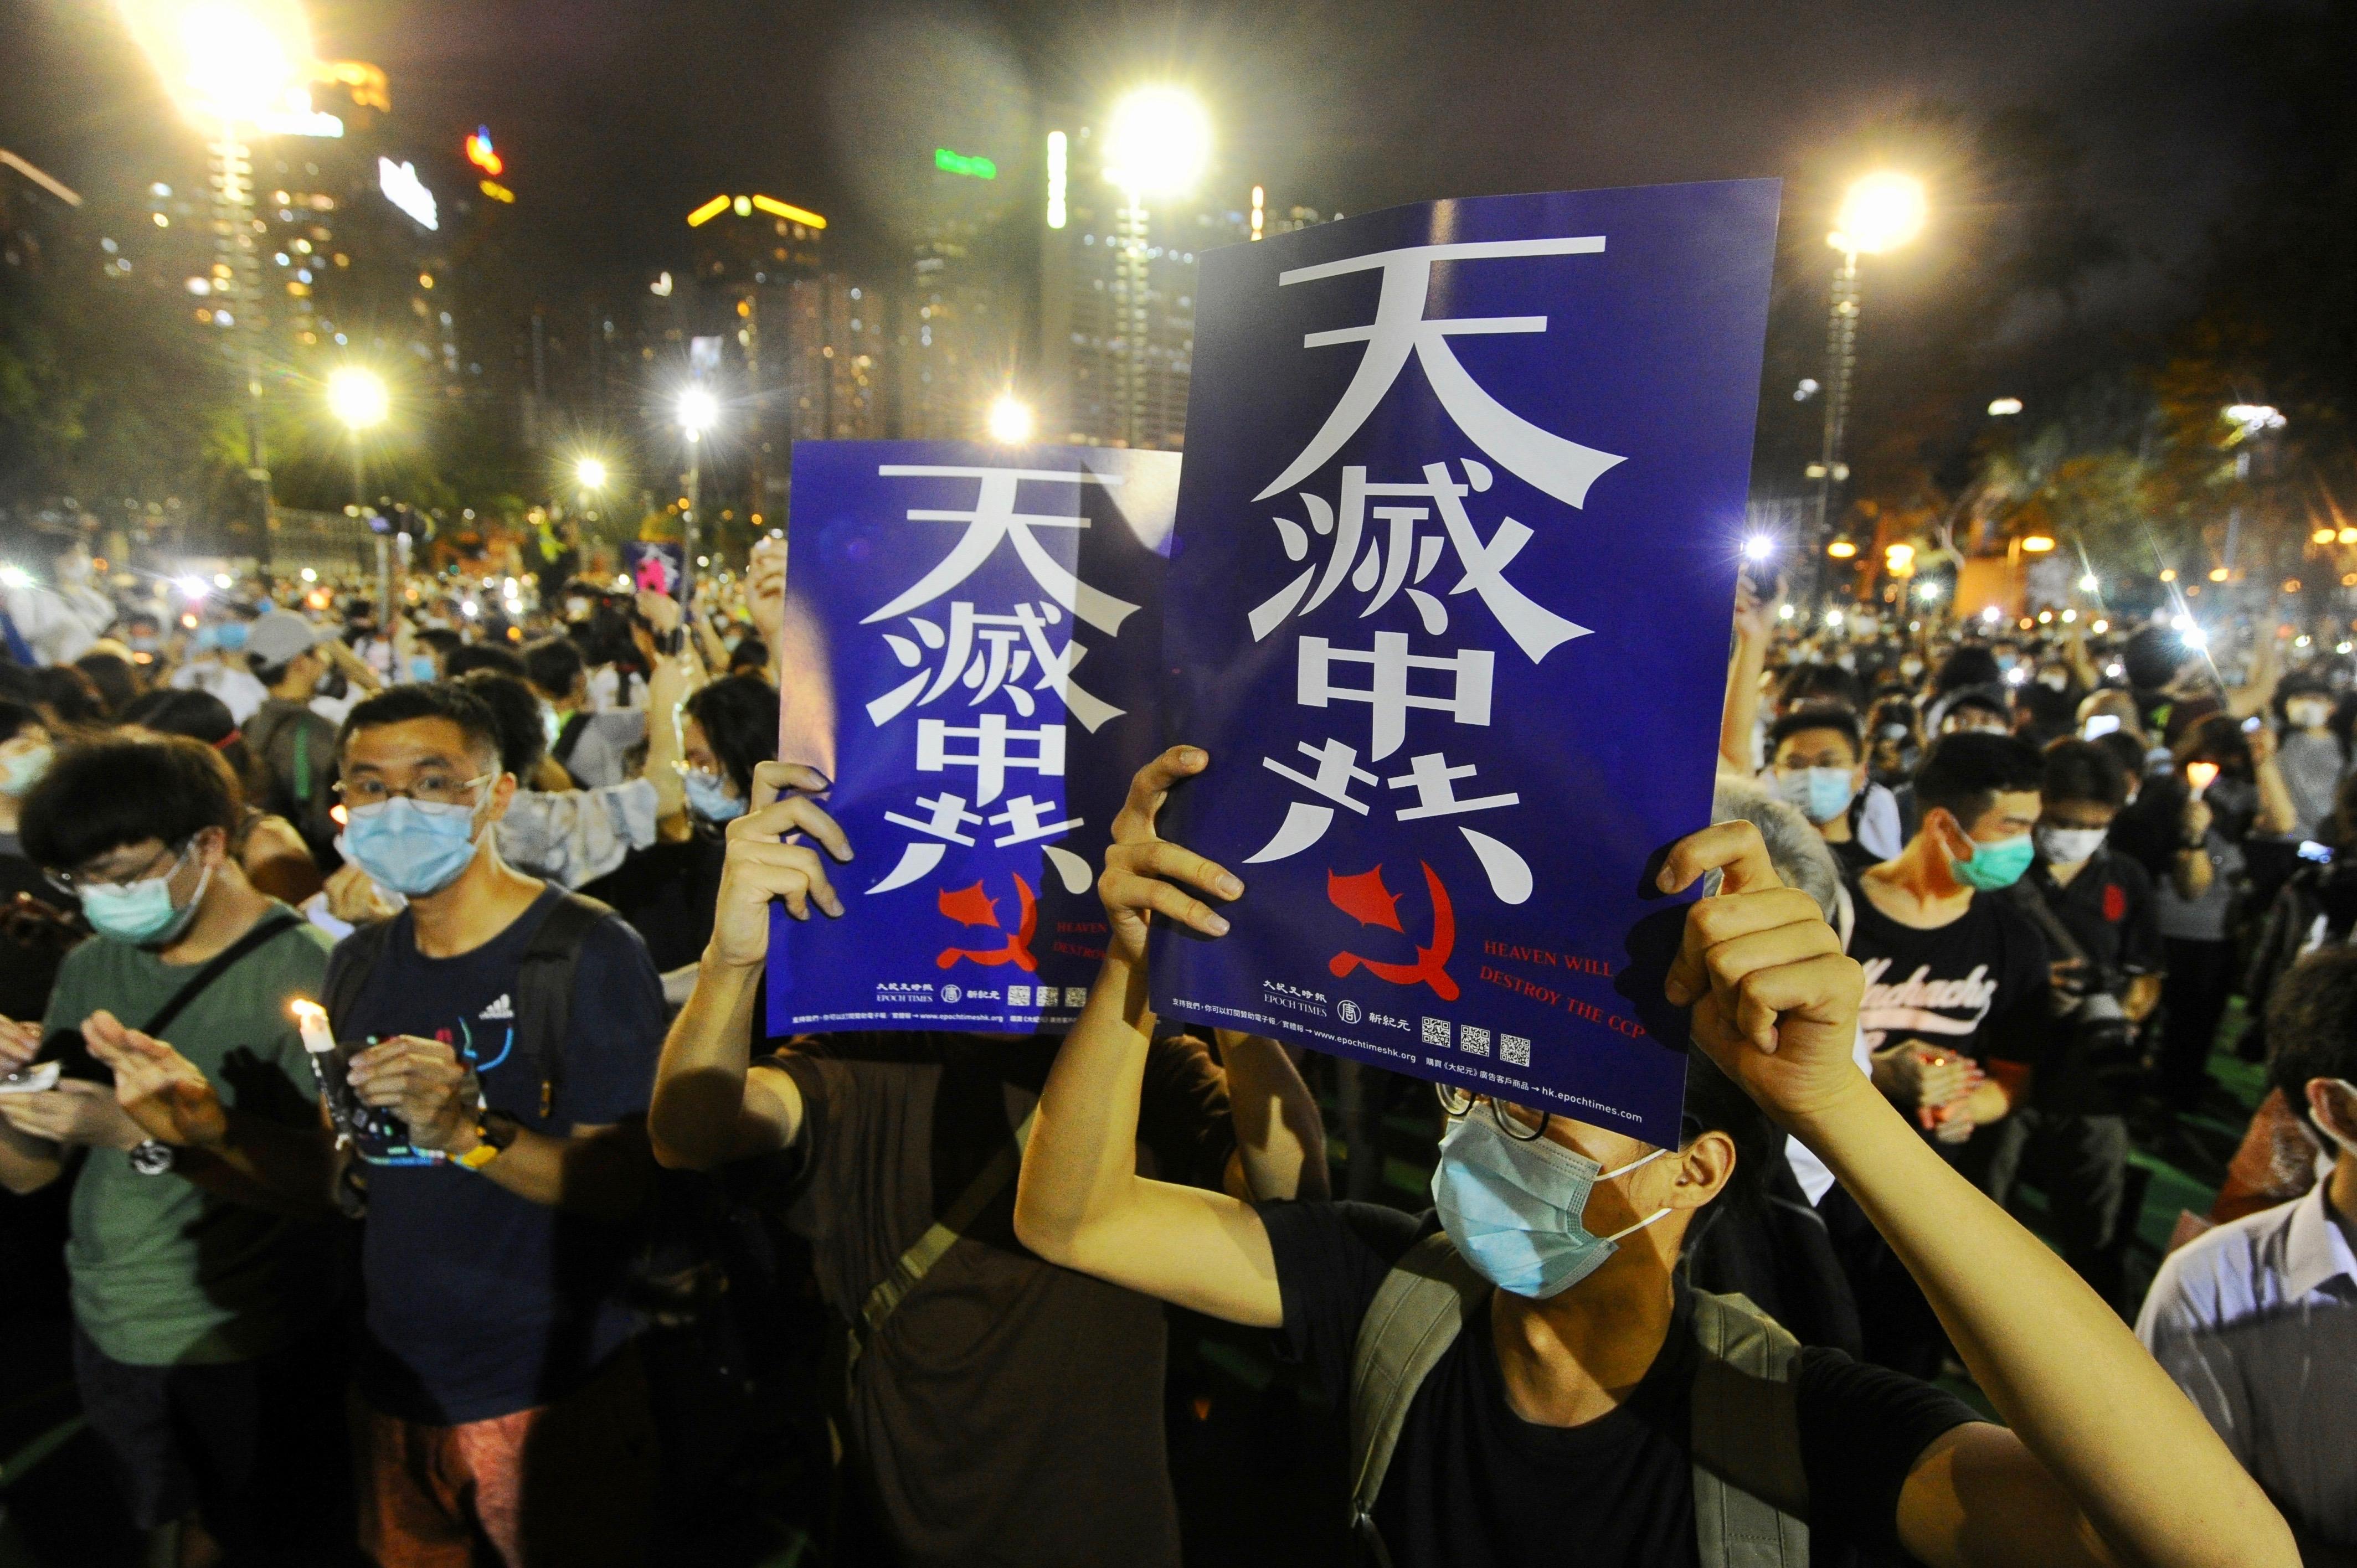 2020年6月4日夜香港市民高舉「天滅中共」的標語在維園集會。(宋碧龍/大紀元)